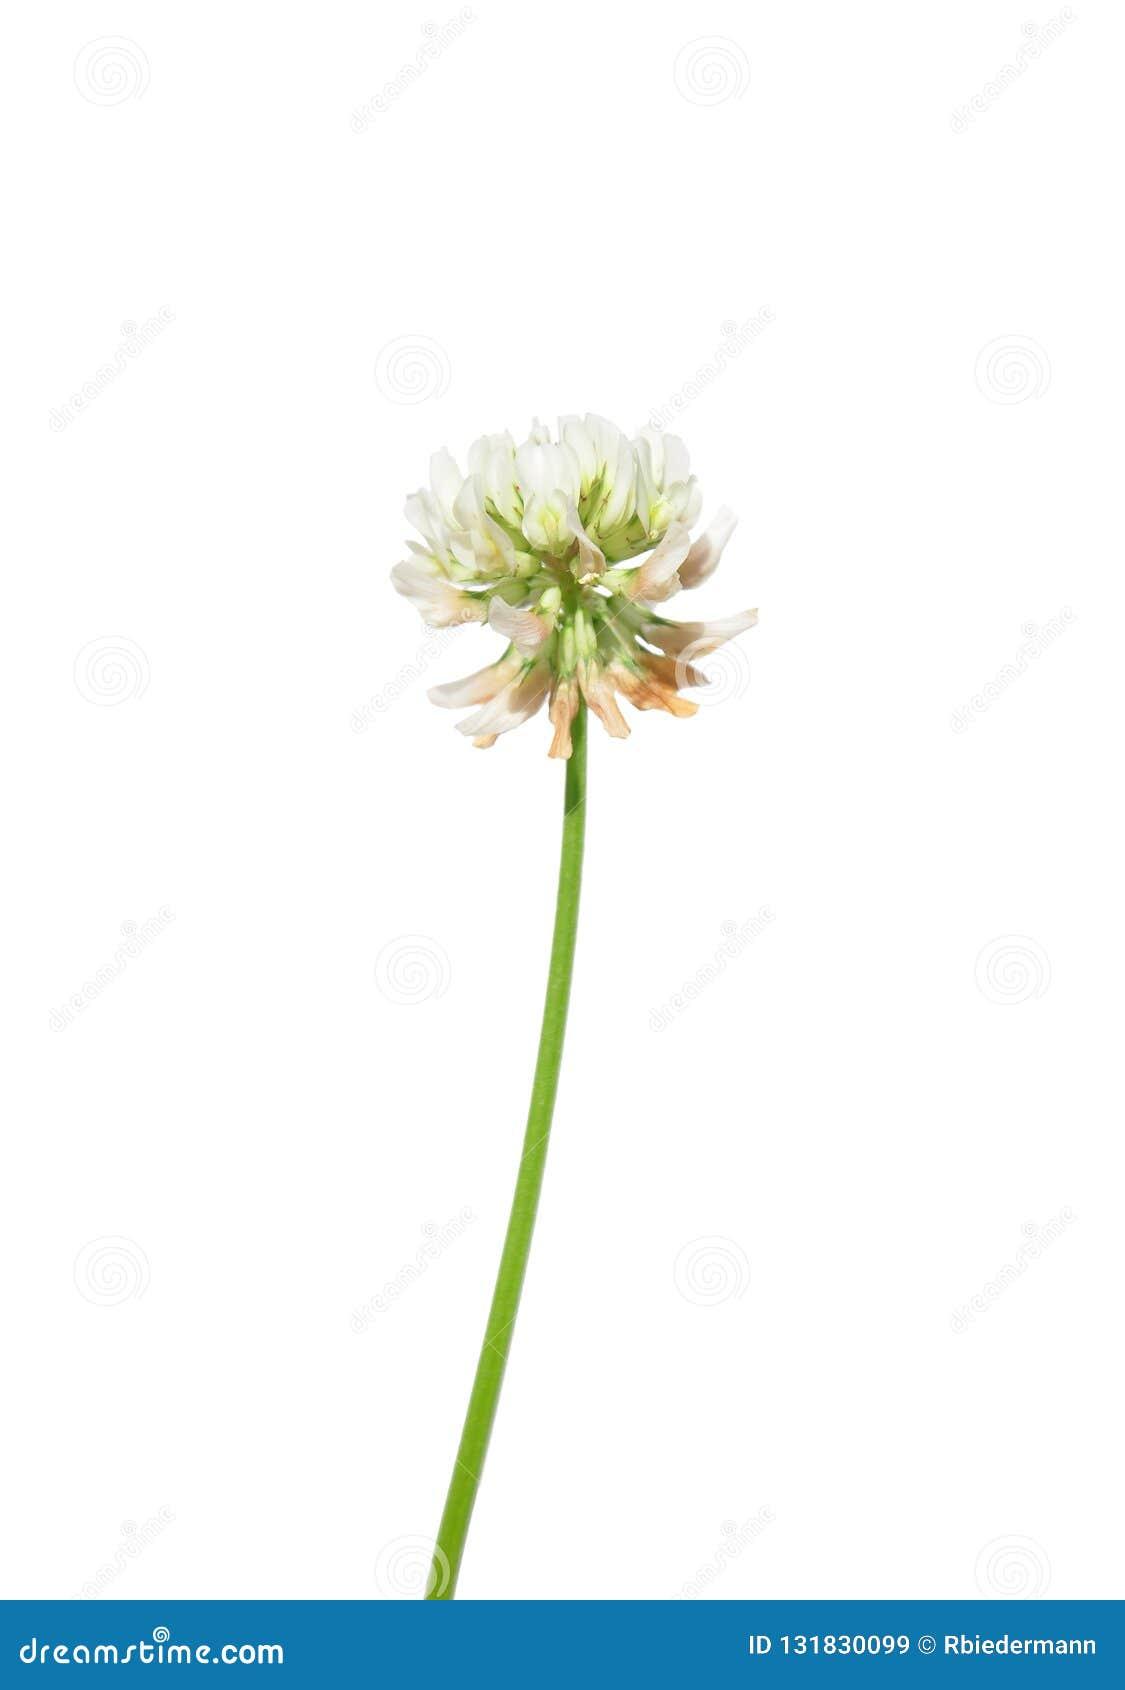 Białej koniczyny Trifolium repens